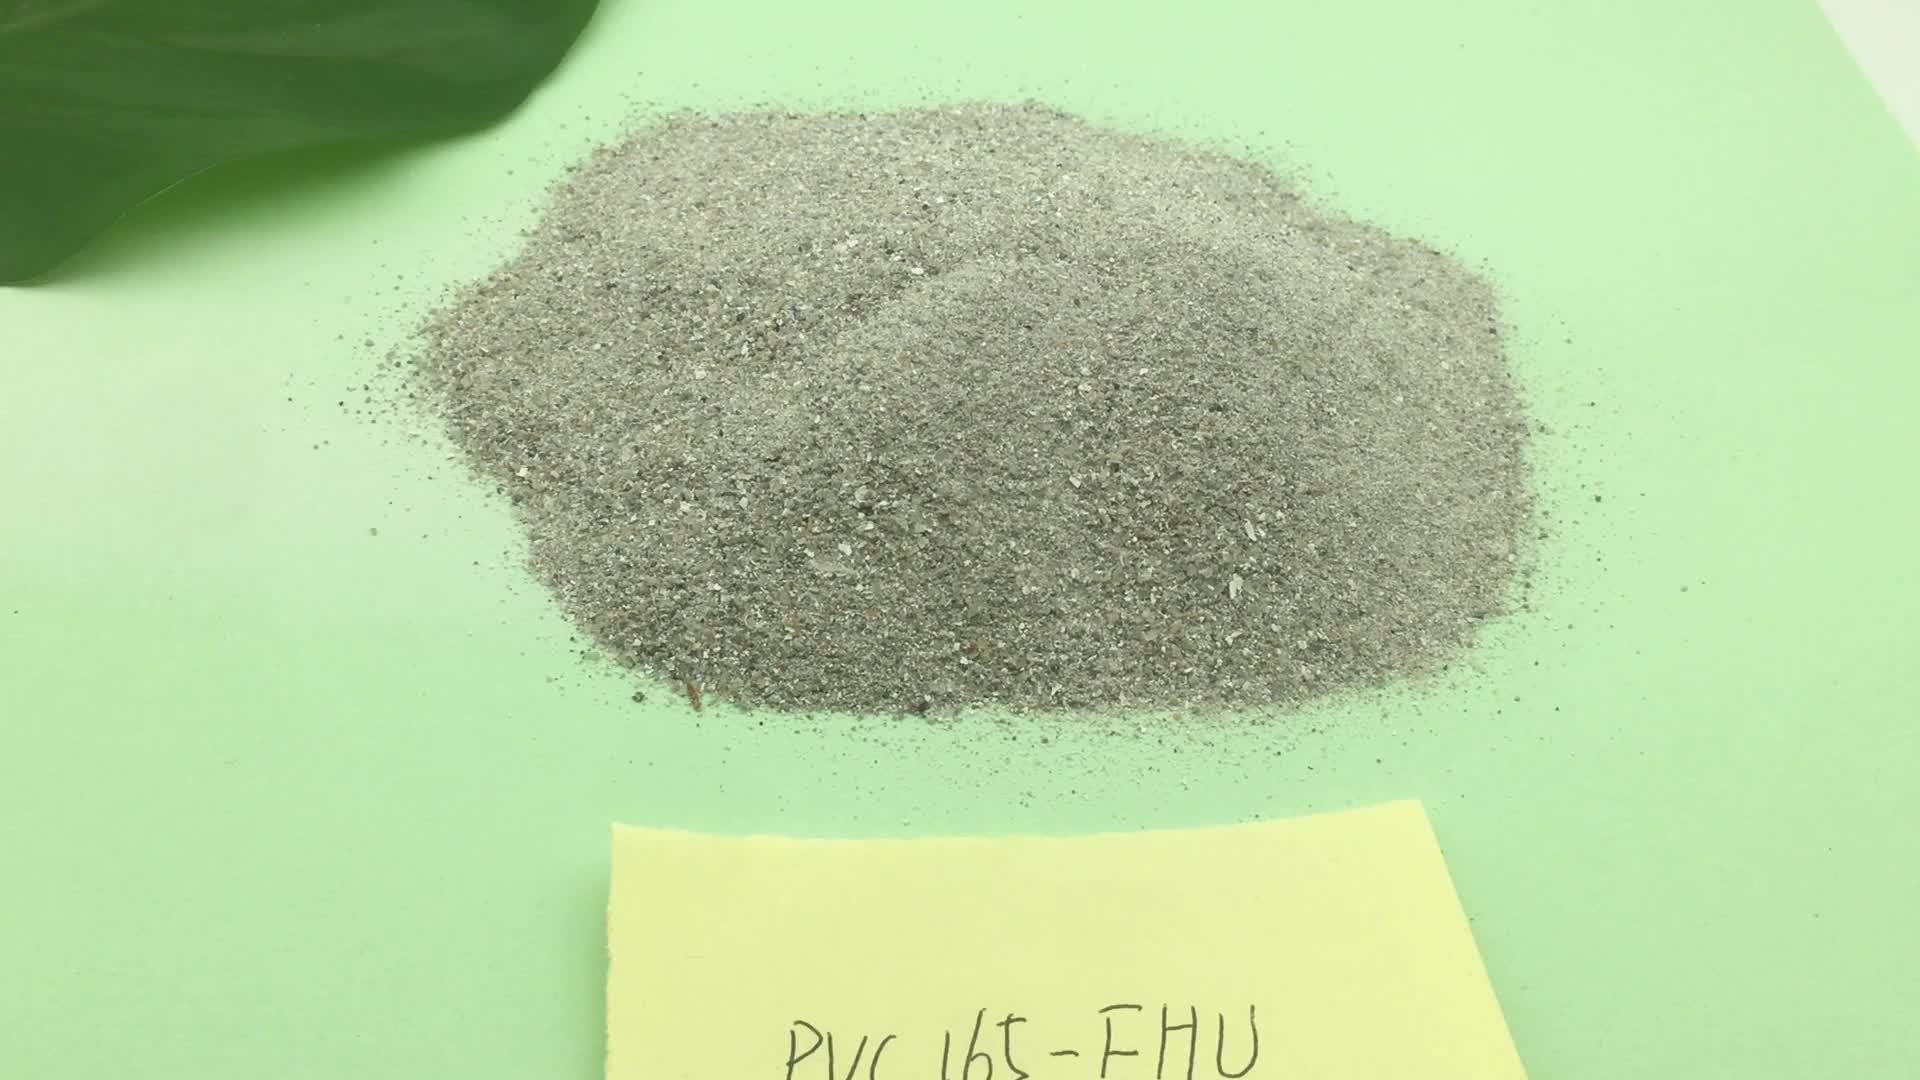 HS Mã 39041090 Nhựa PVC Giá/Polyvinyl Chloride/Nhựa PVC SG5 Từ Trung Quốc Nhà Sản Xuất